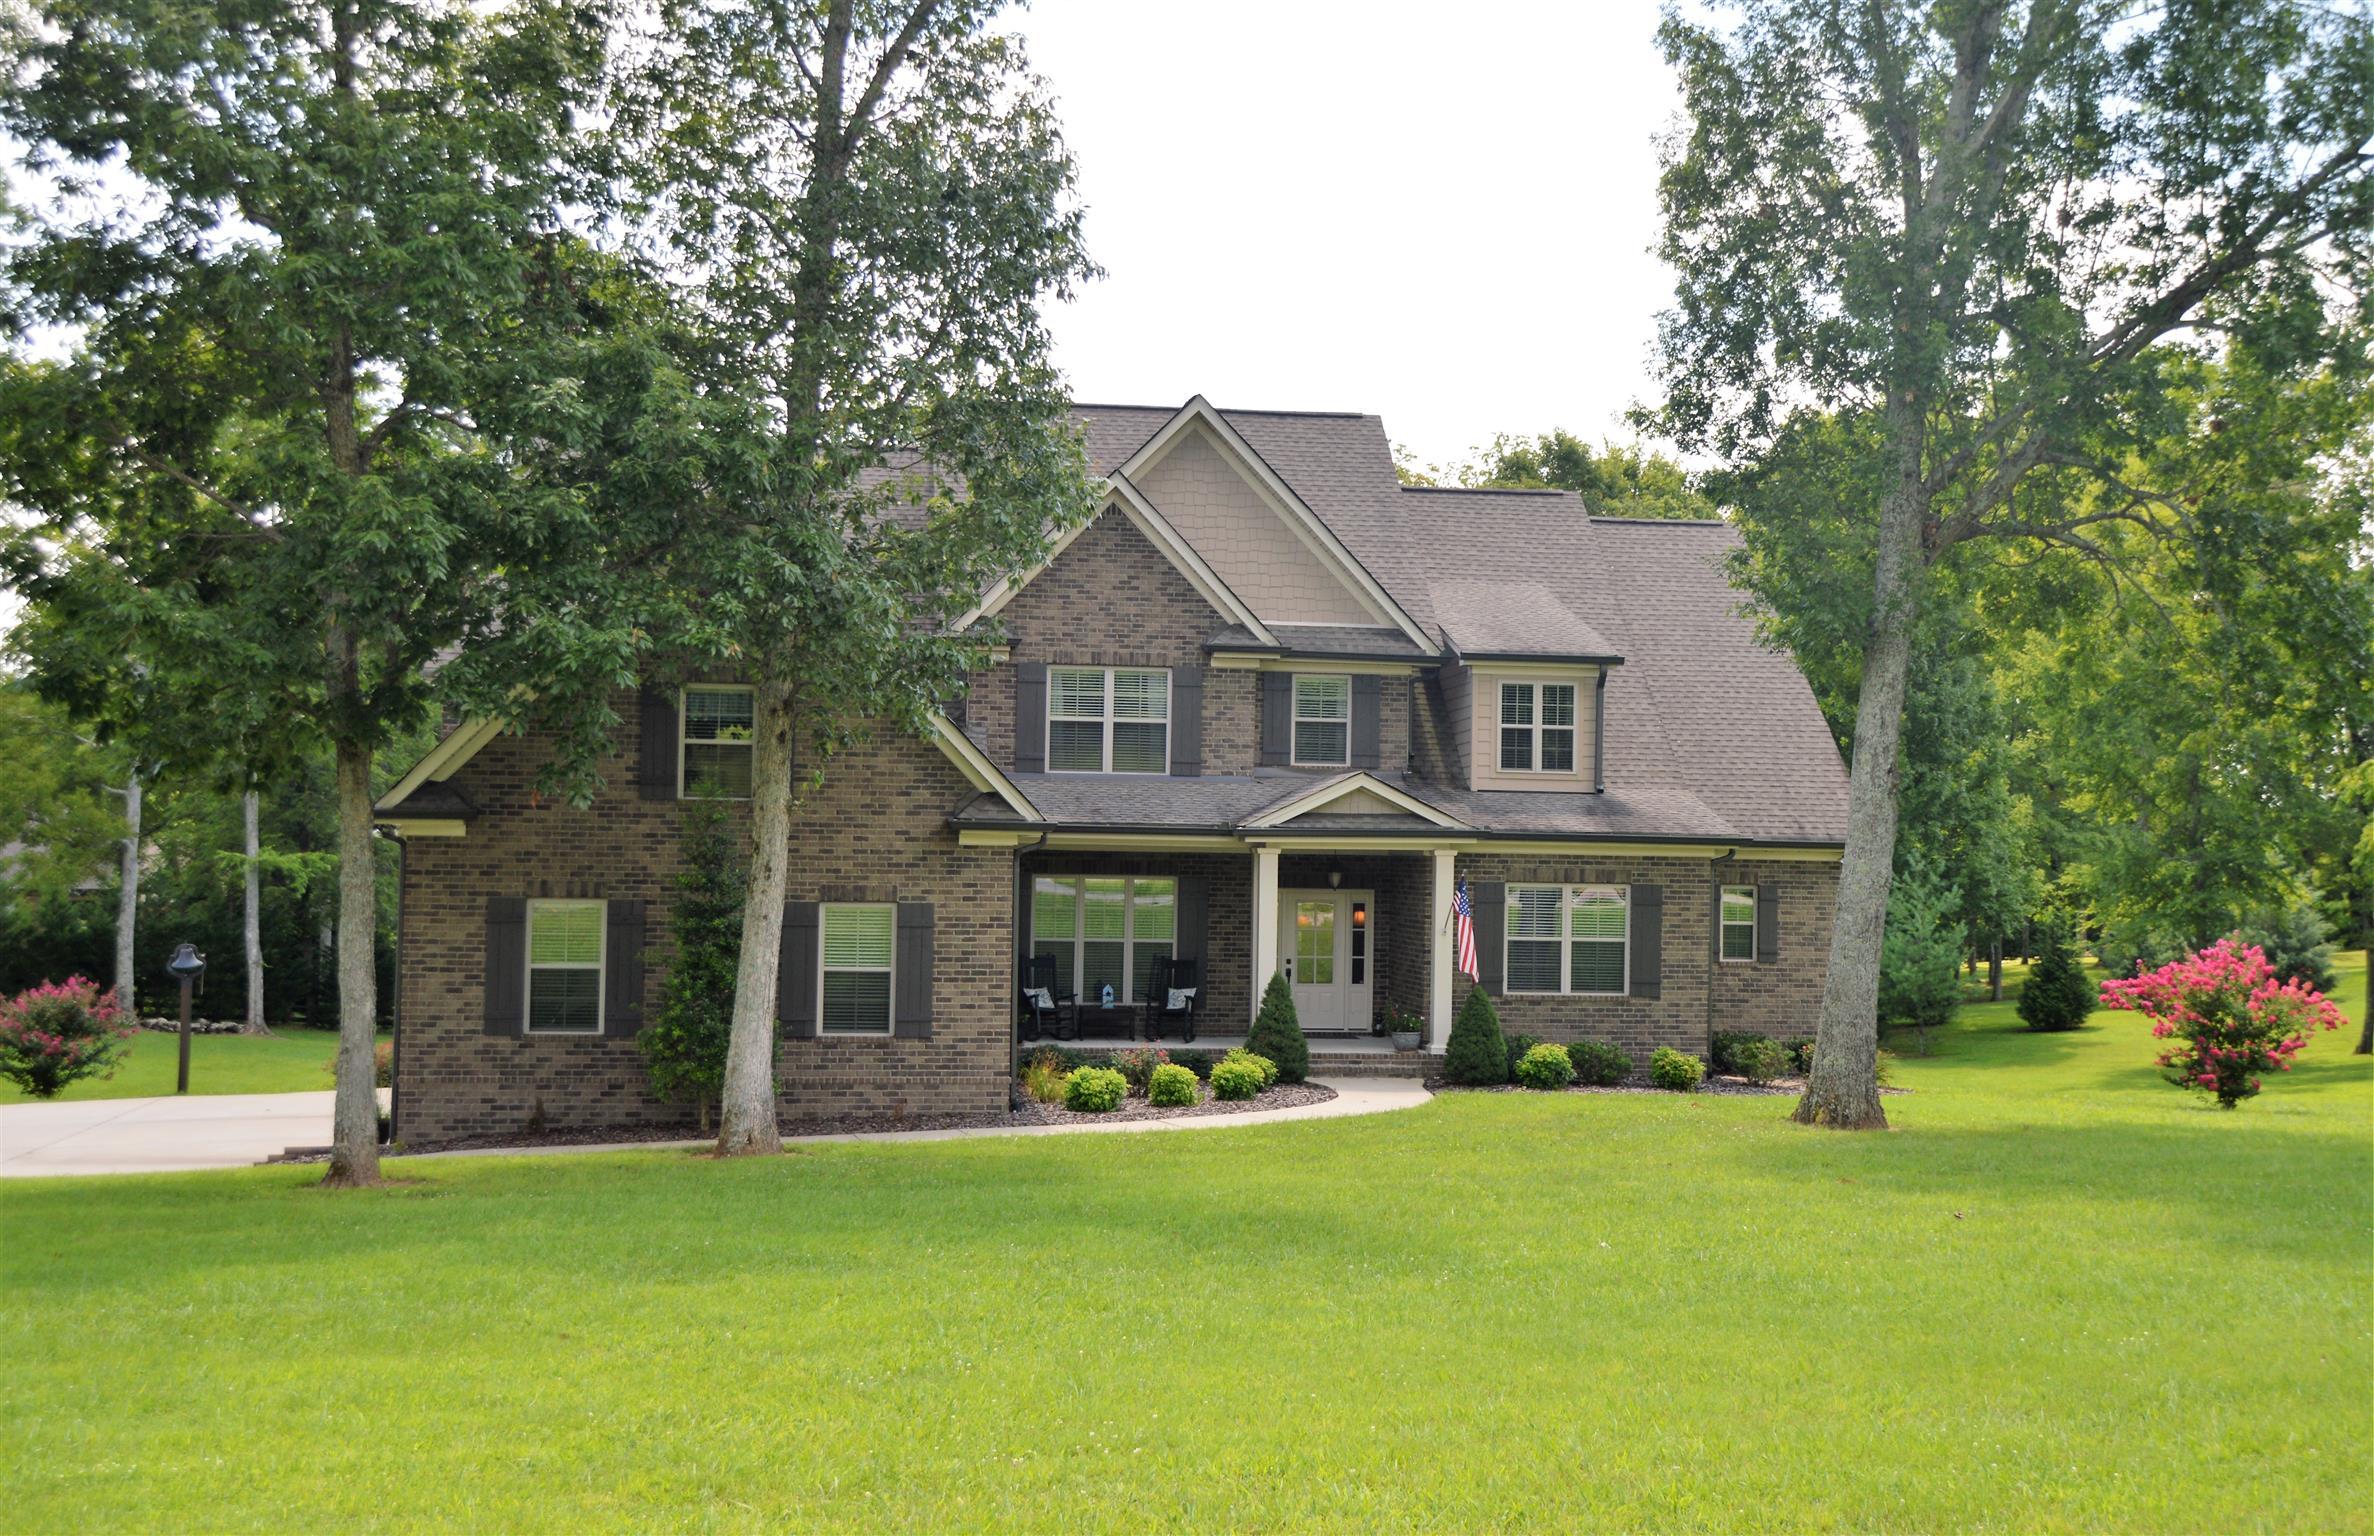 590 Forest Retreat Rd, Hendersonville, TN 37075 - Hendersonville, TN real estate listing